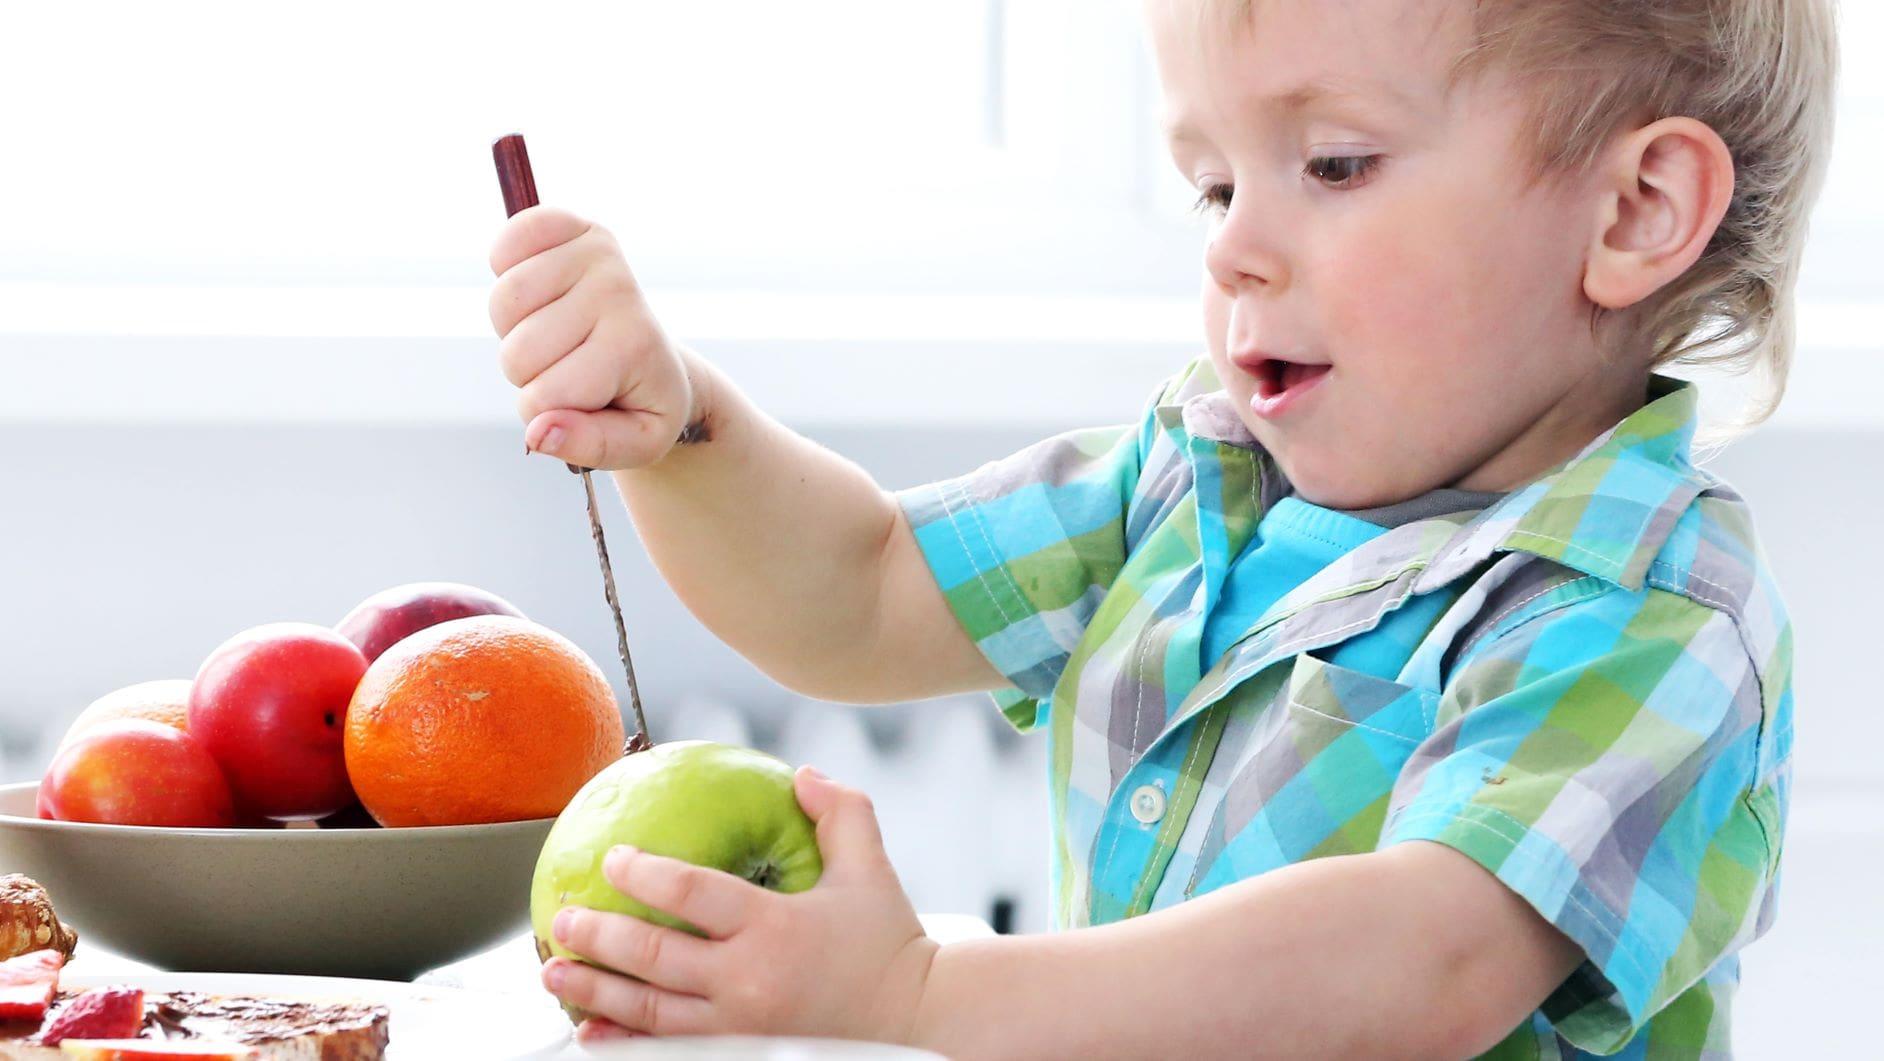 niño se esfueza por pelar una fruta sin ayuda de los adultos